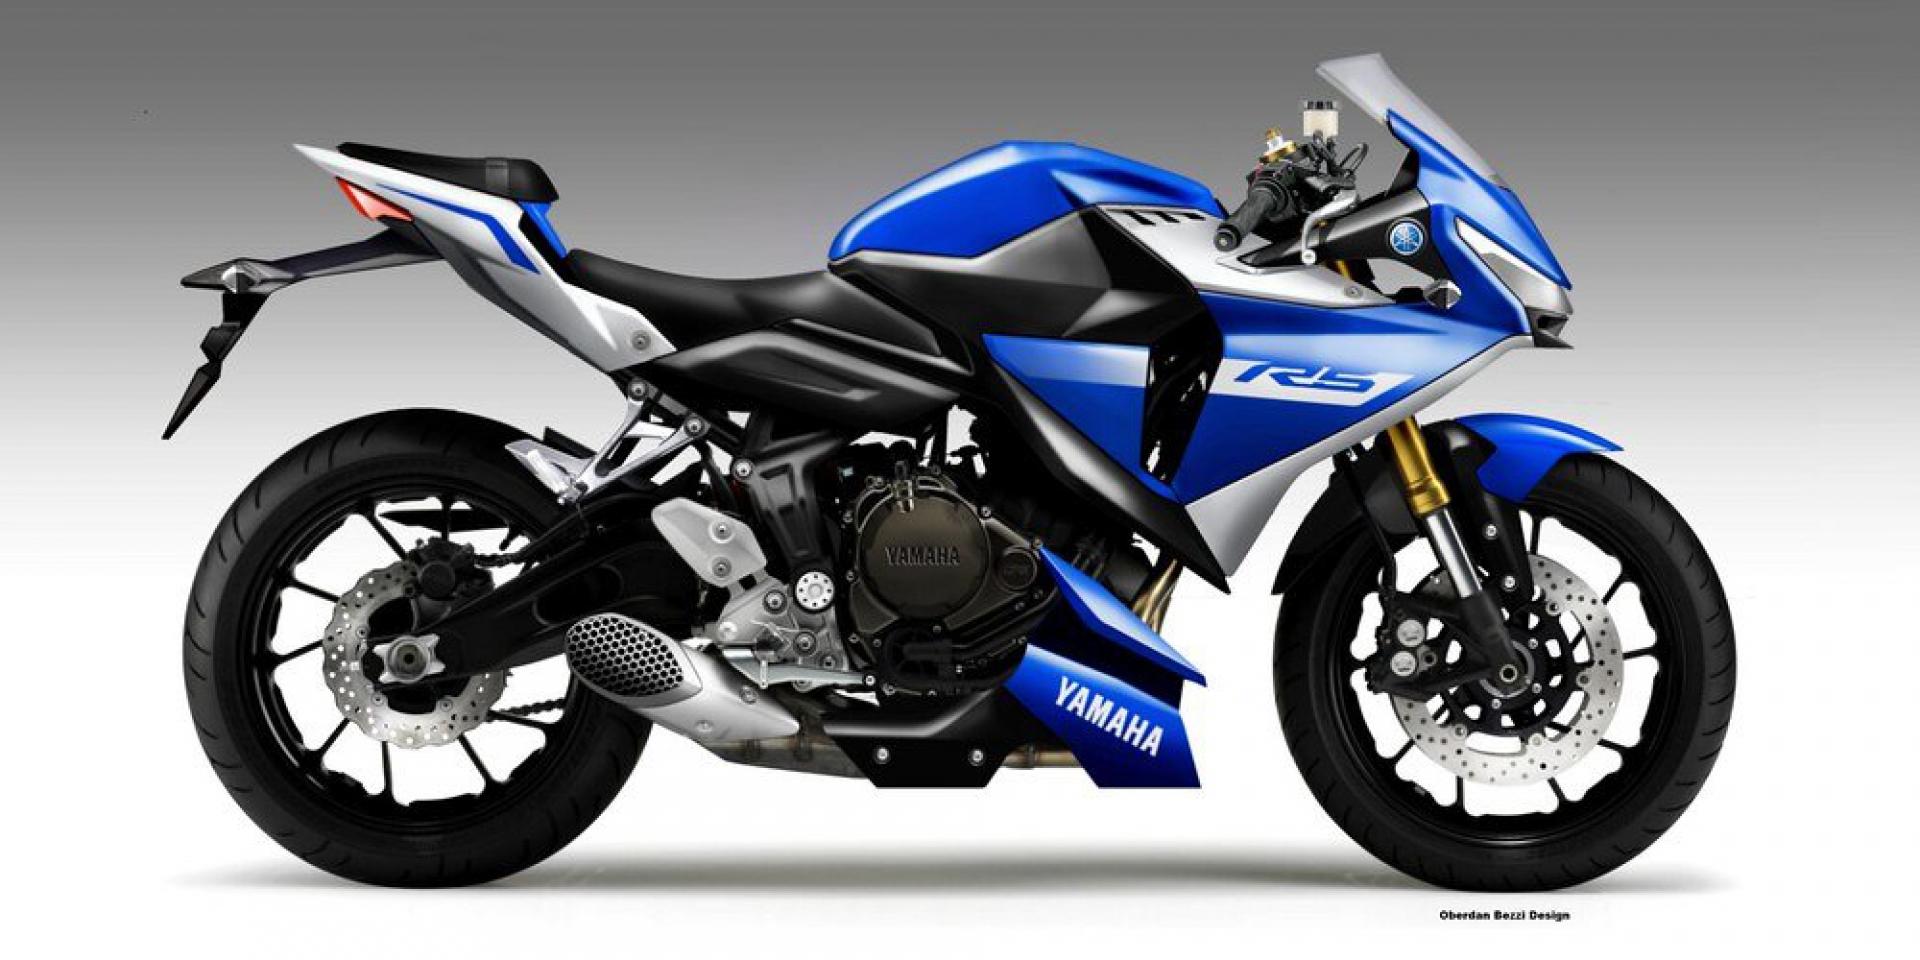 「Yamaha YZF-R5 Concept」by Oberdan Bezzi。排量升級的美好夢想!